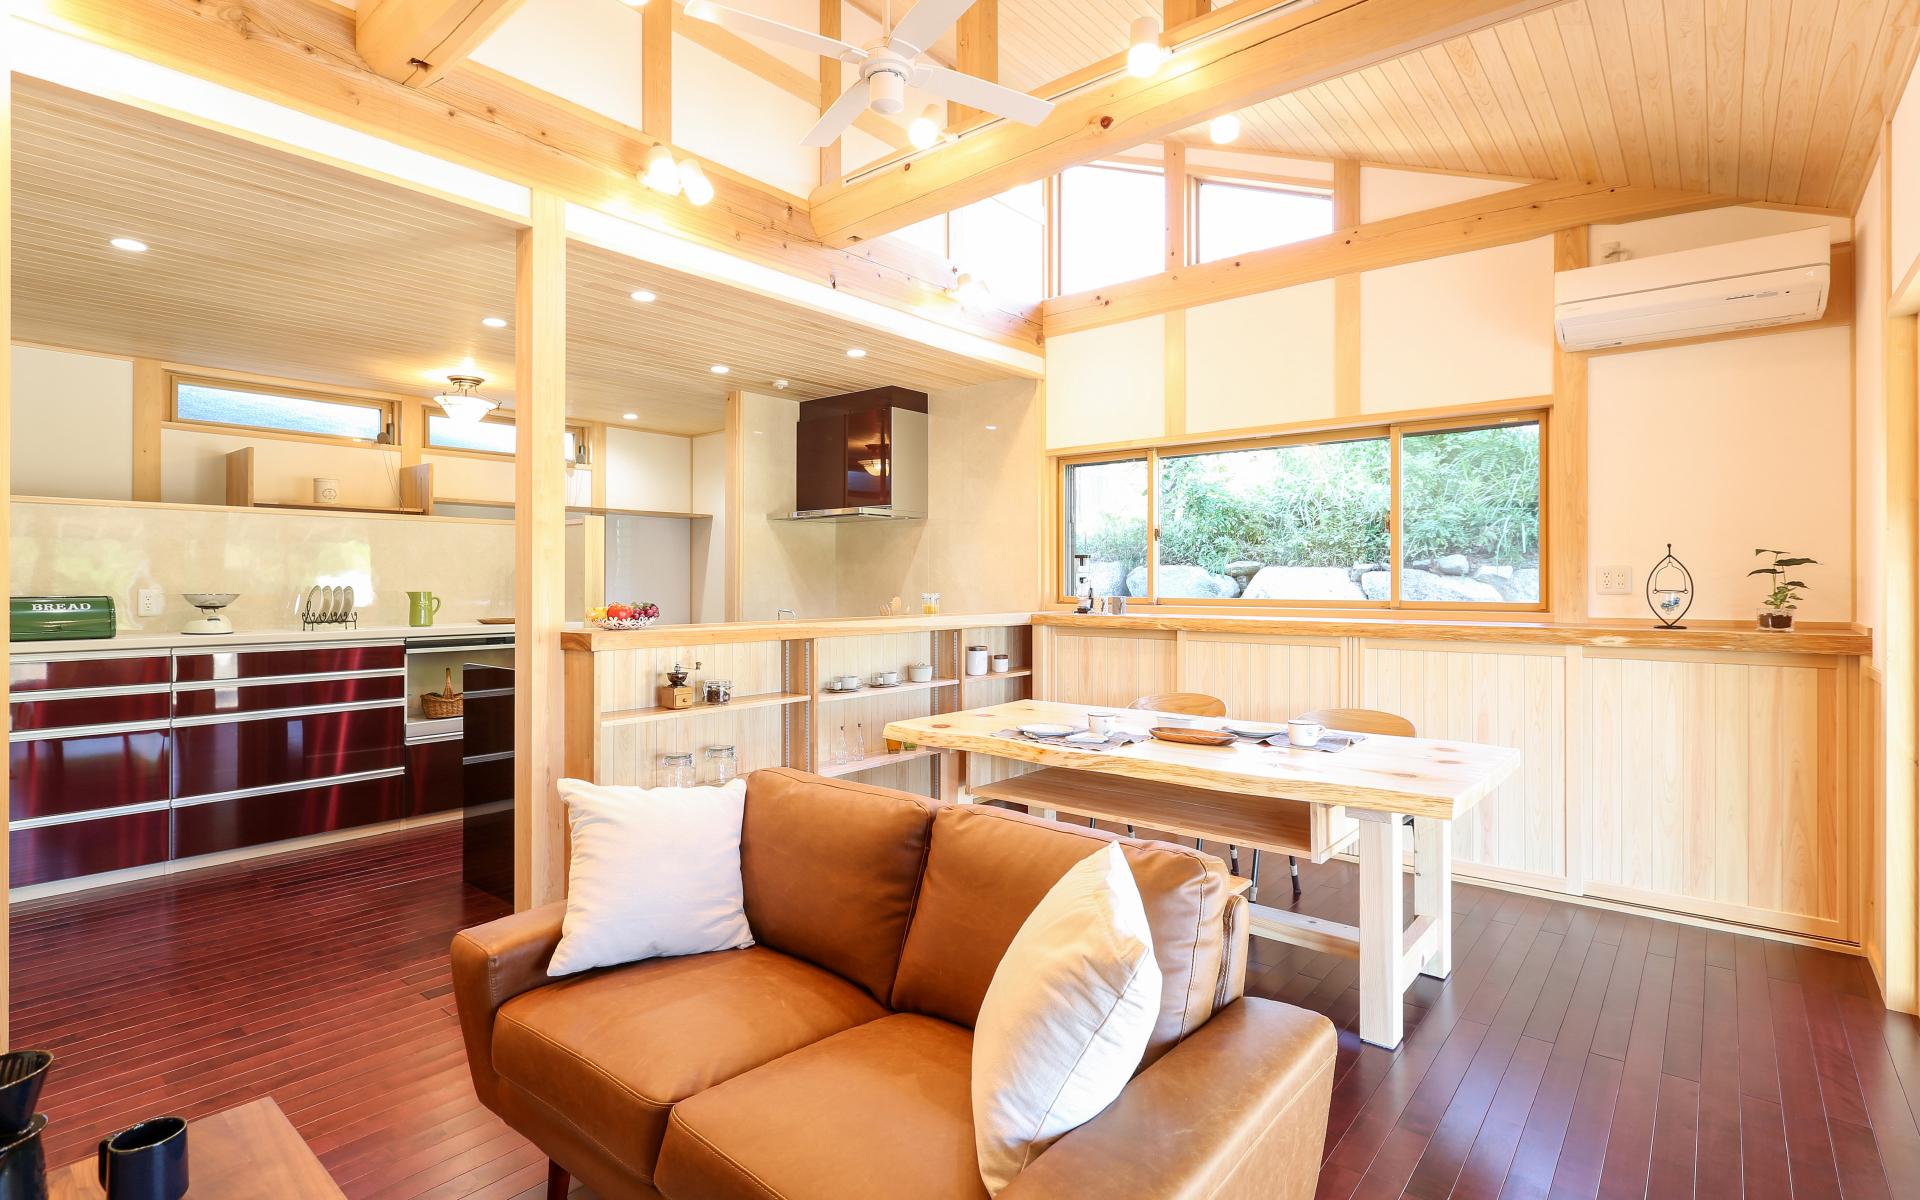 女性建築士、インテリアコーディネーターによる家づくり。お母さん目線で生活動線を設計。こだわりの家具、収納、キッチン設計をいたします。愛知県の注文住宅は深見工務店